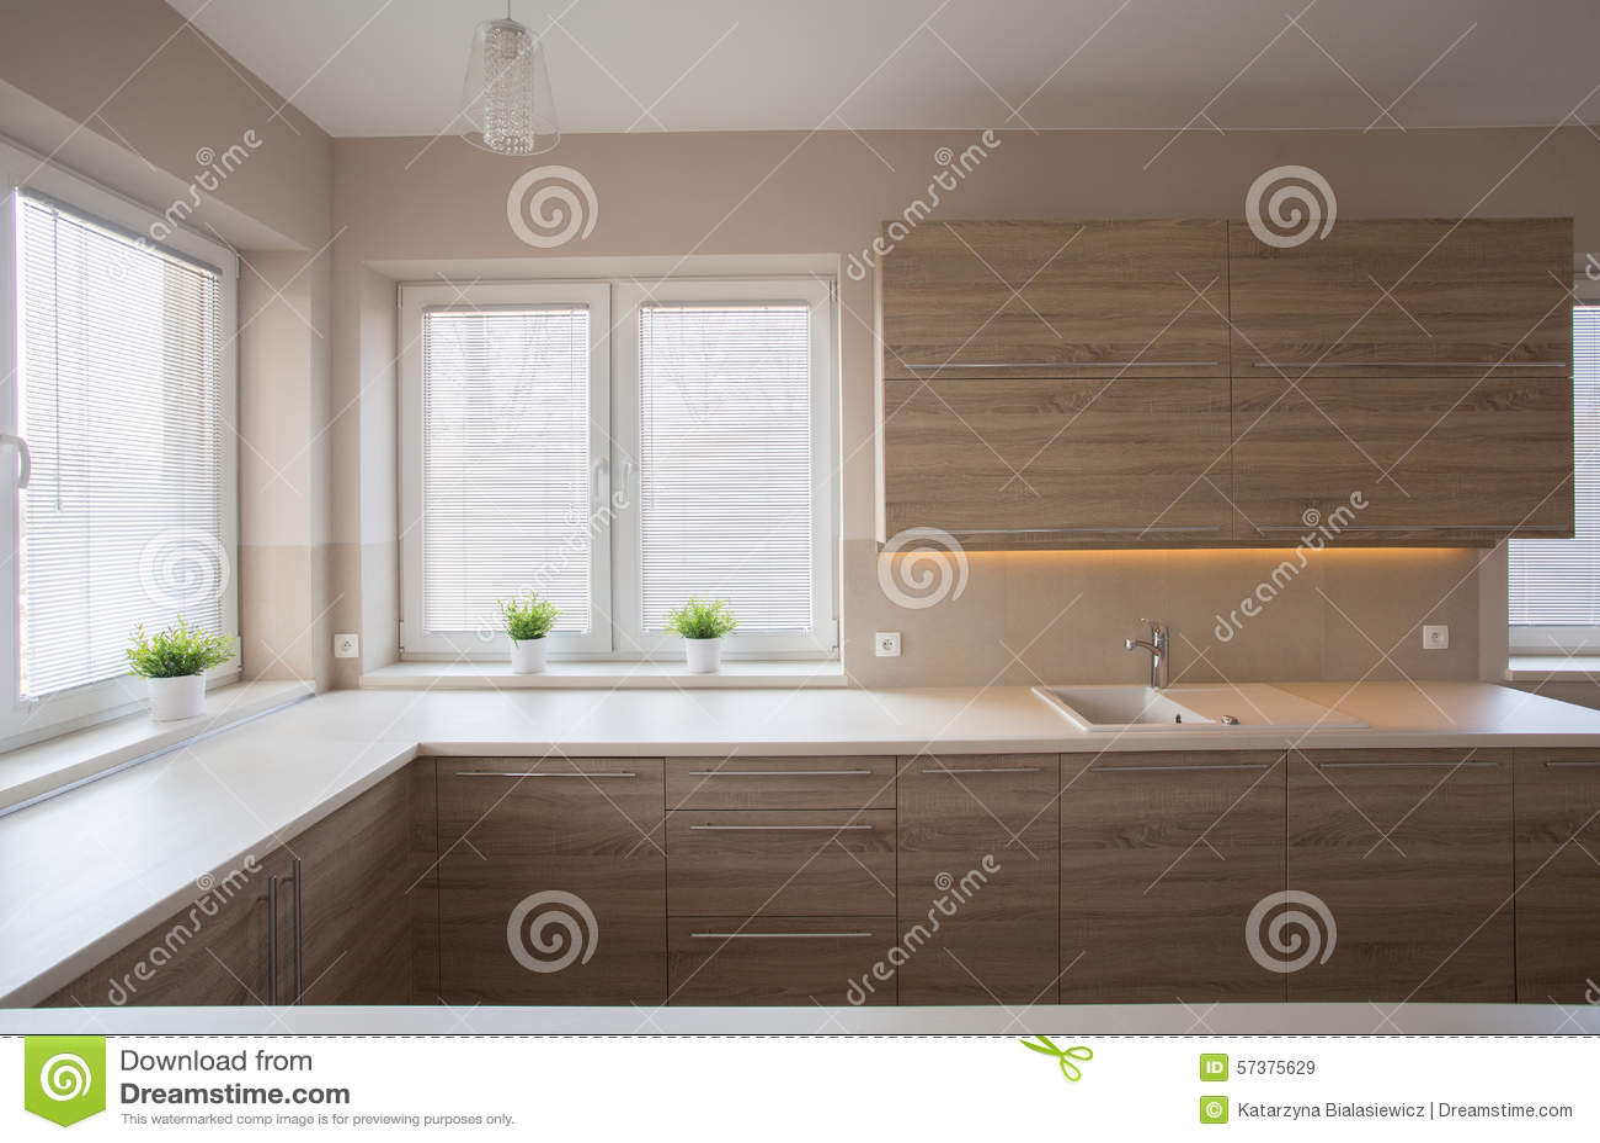 einfache küche mit holzmöbel stockfoto - bild: 57375629